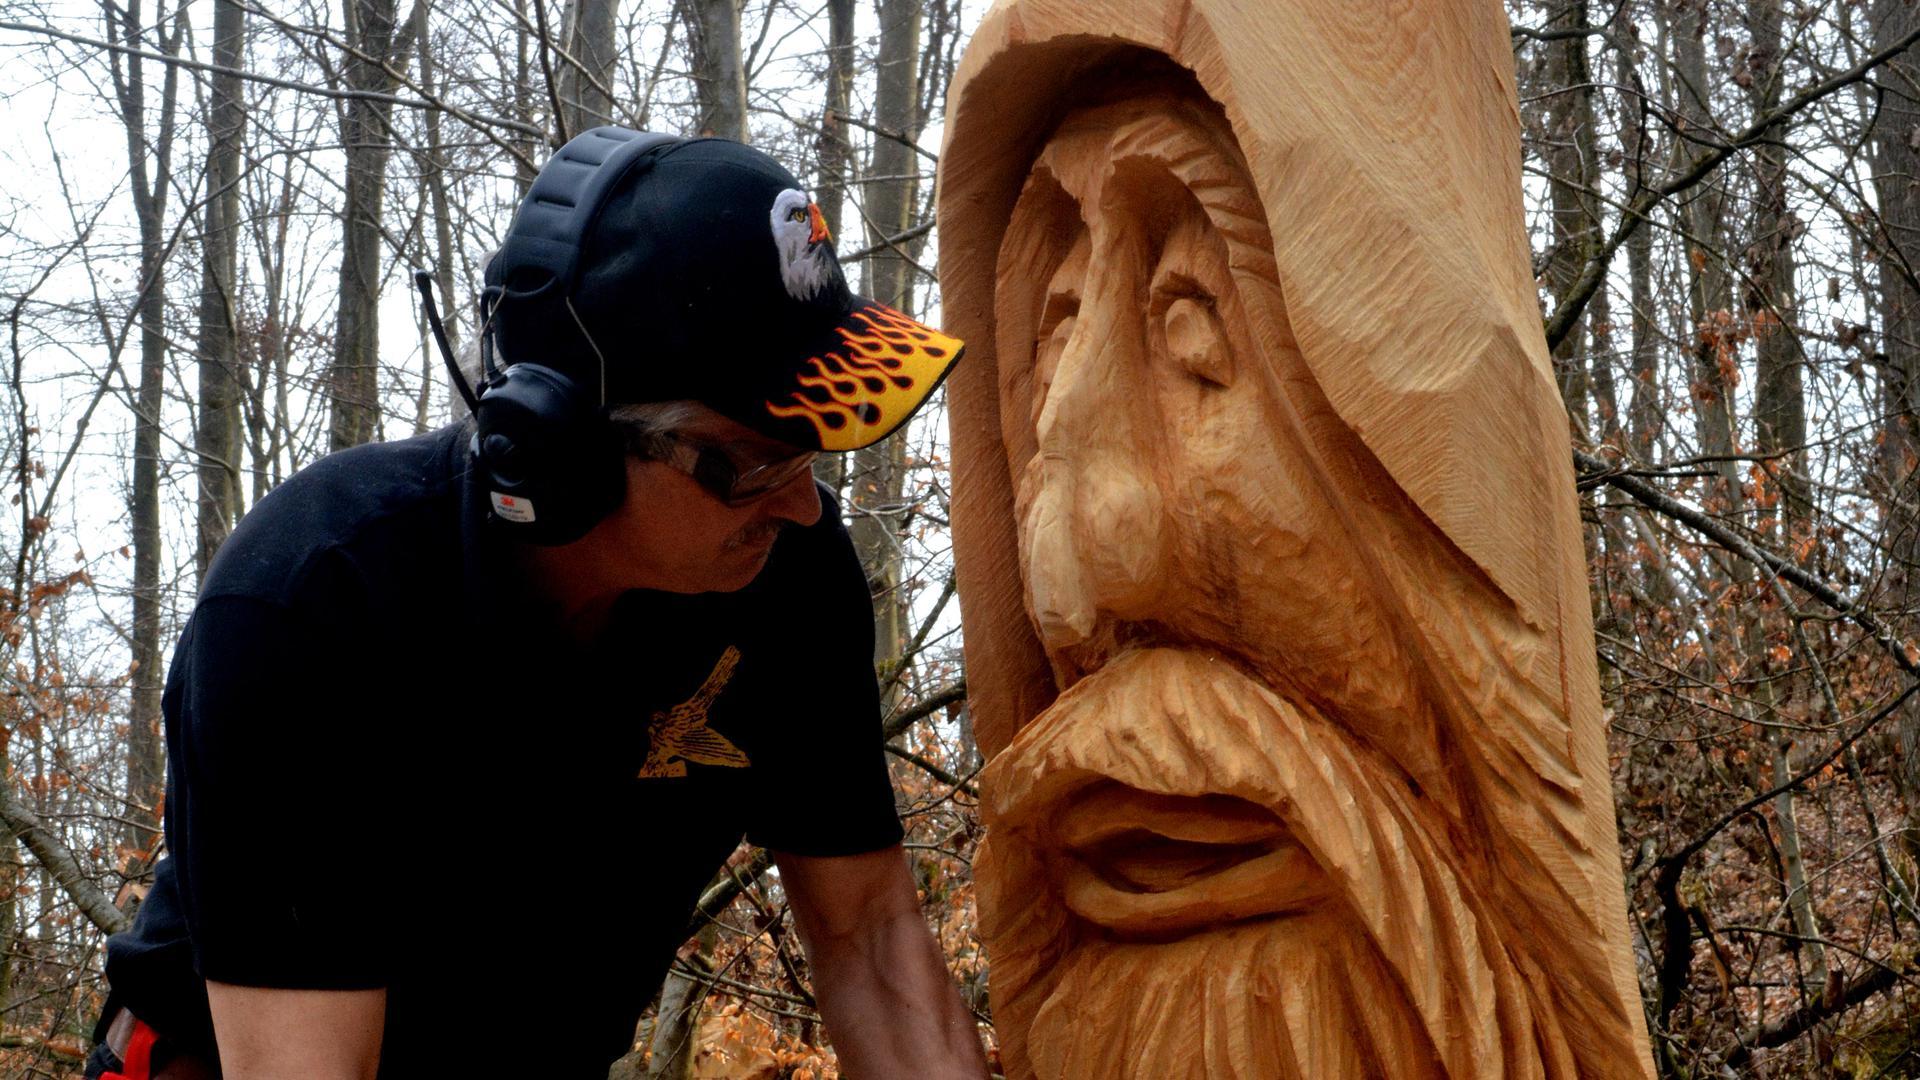 Von der Eule bis zum Waldschrat: Radfahrer legen spontan eine Pause ein und staunen über die mit Kettensägen geschnitzten Skulpturen.